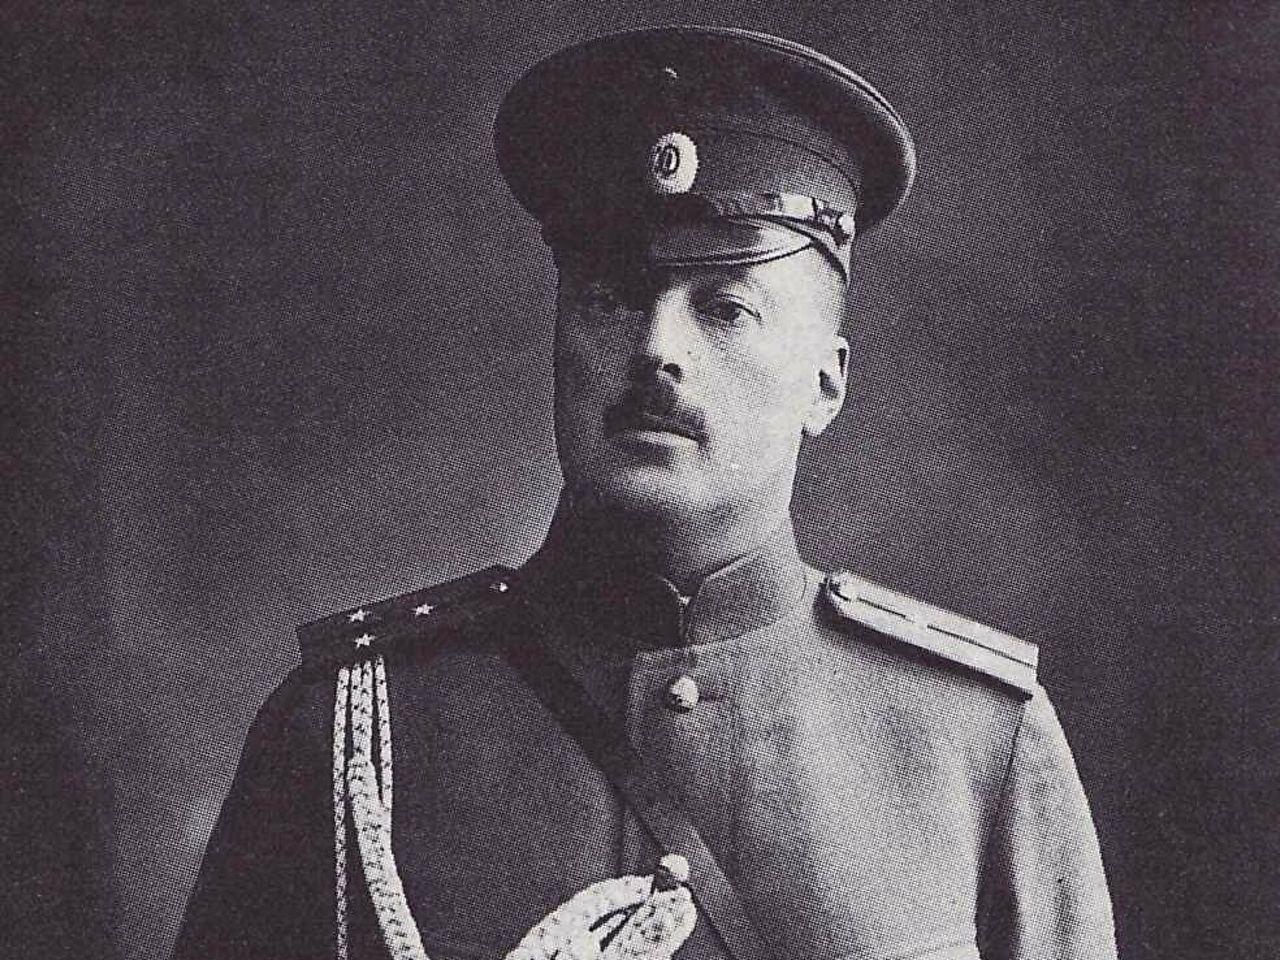 ️ Гибель Набокова старшего  Отец писателя, Набоков Владимир Дмитриевич, погиб...